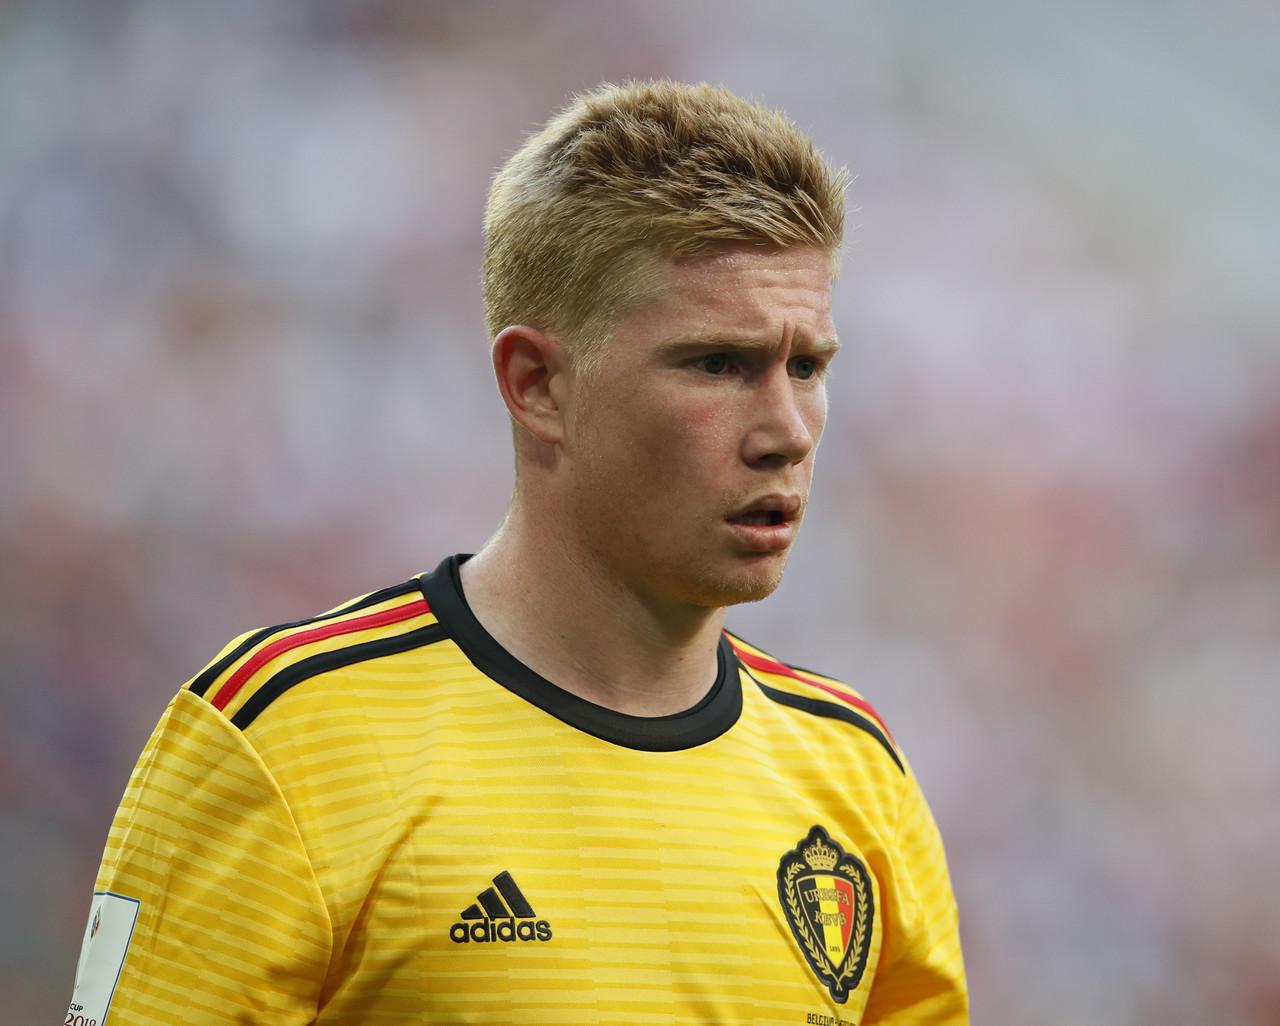 比利时队医谈德布劳内受伤:对国家队并非坏事,他将得到充分歇息